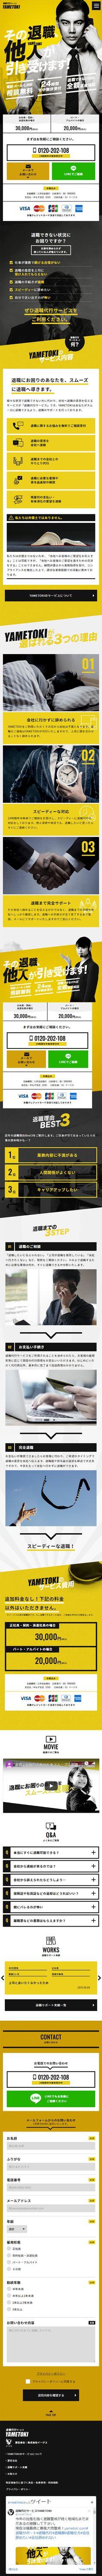 大学 美術 戸田 多摩 真琴